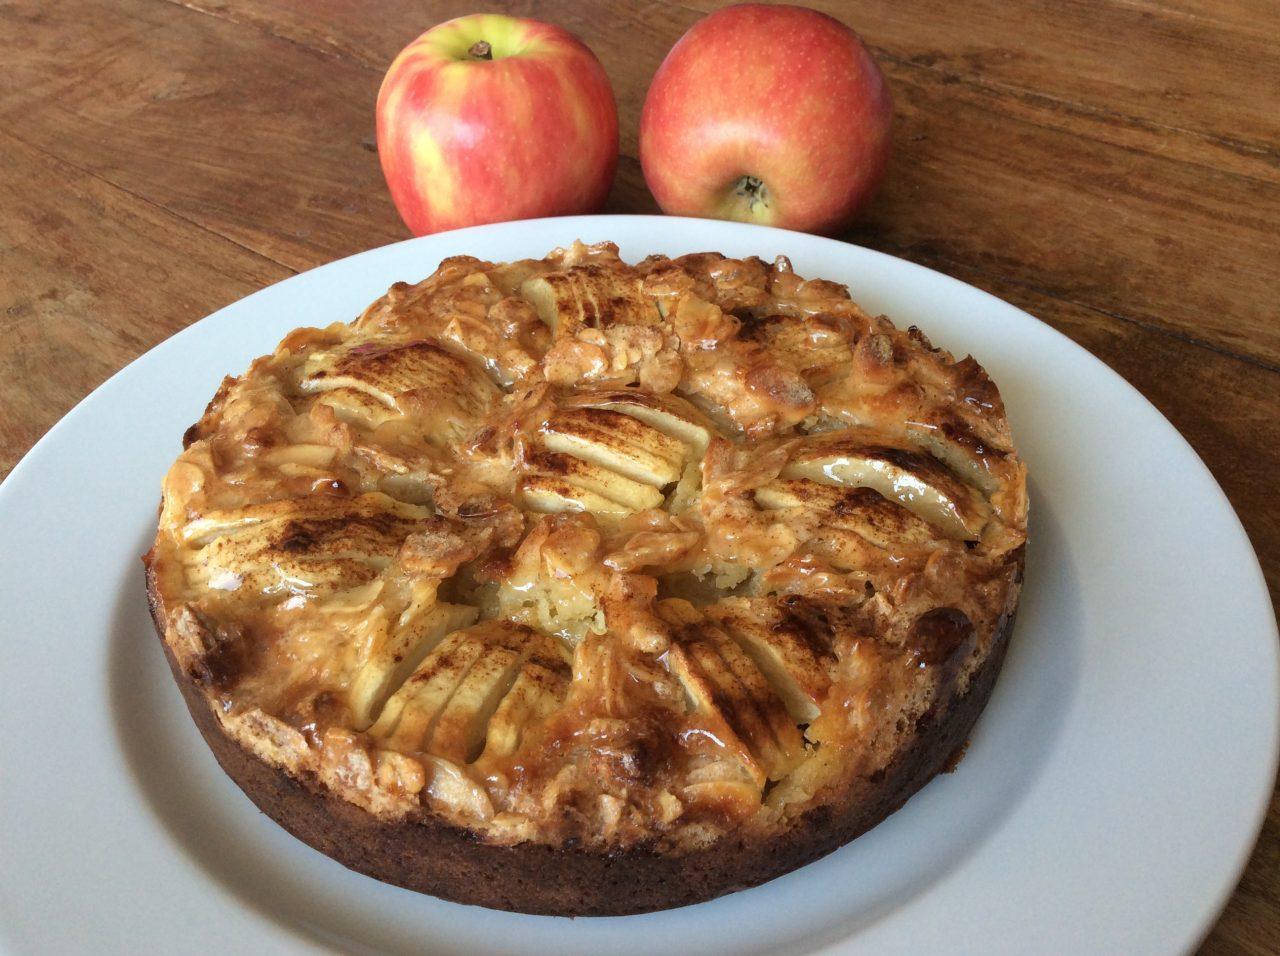 Herfstgebak met appel en amandel